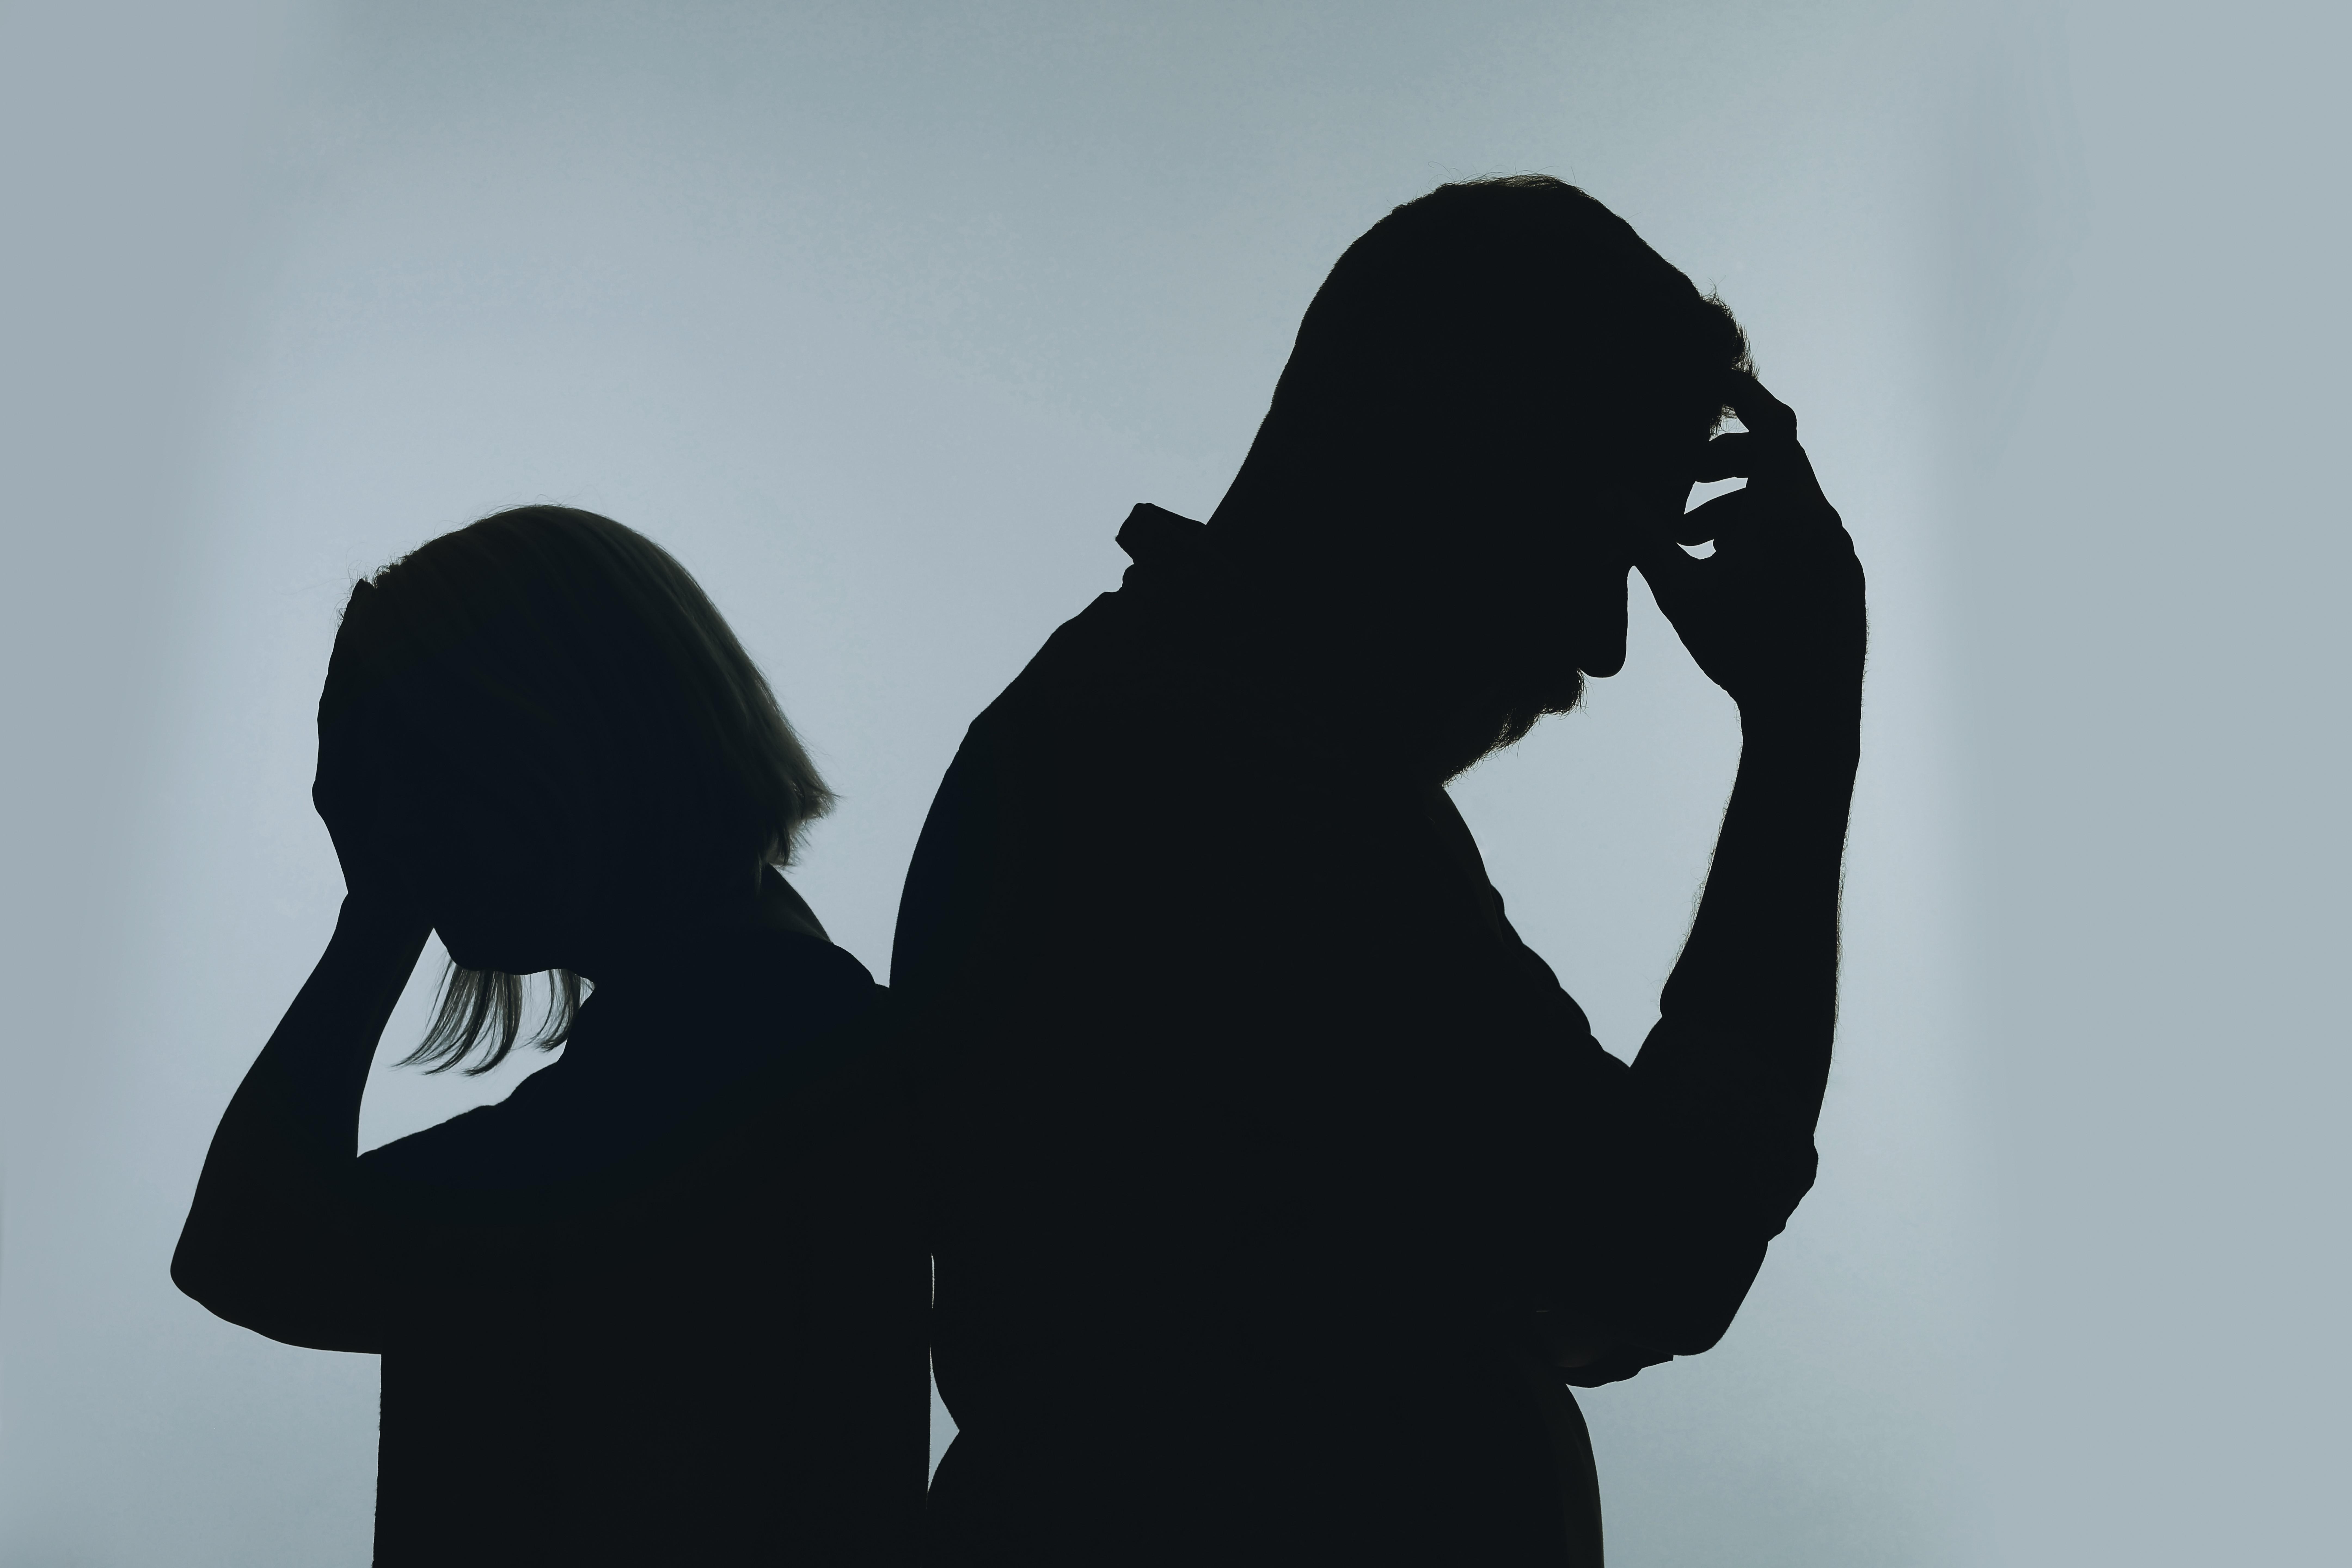 ▲▼示意圖,成人,焦慮,夫妻吵架,衝突,蕭條,家庭,離婚,爭論(圖/123RF)